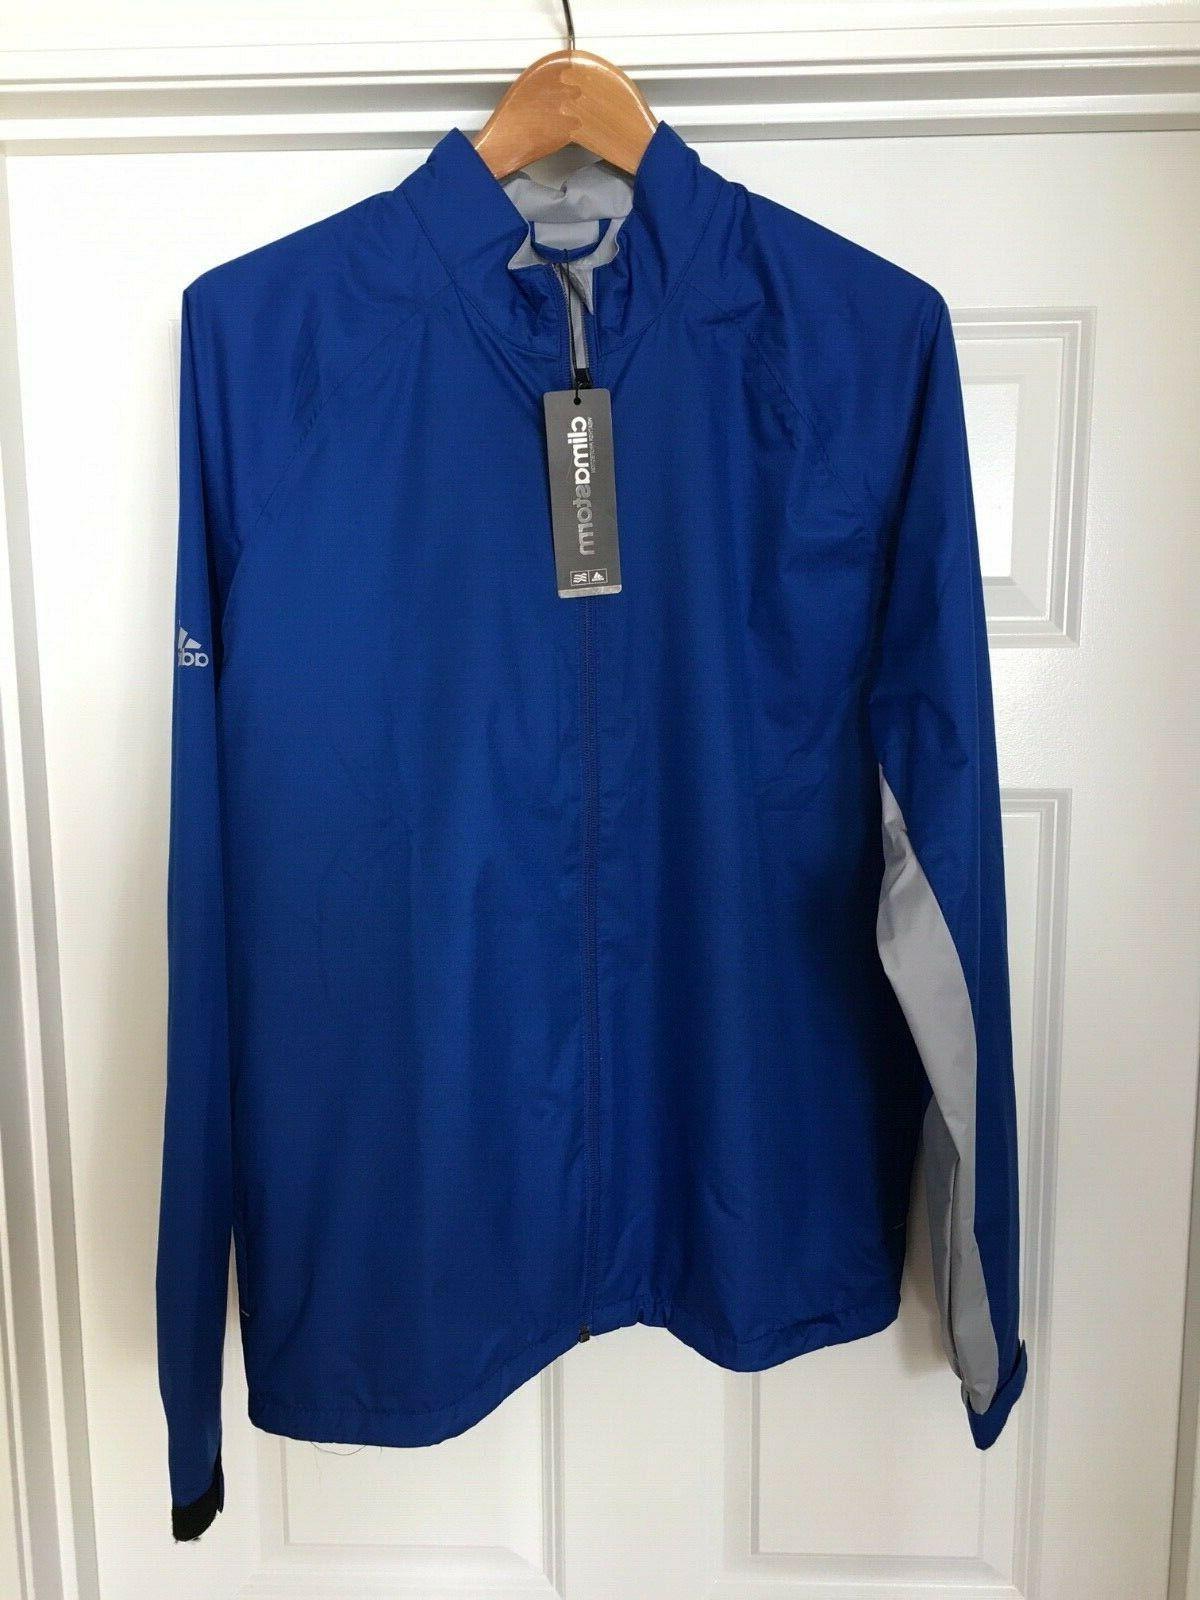 golf climastorm full zip rain jacket size